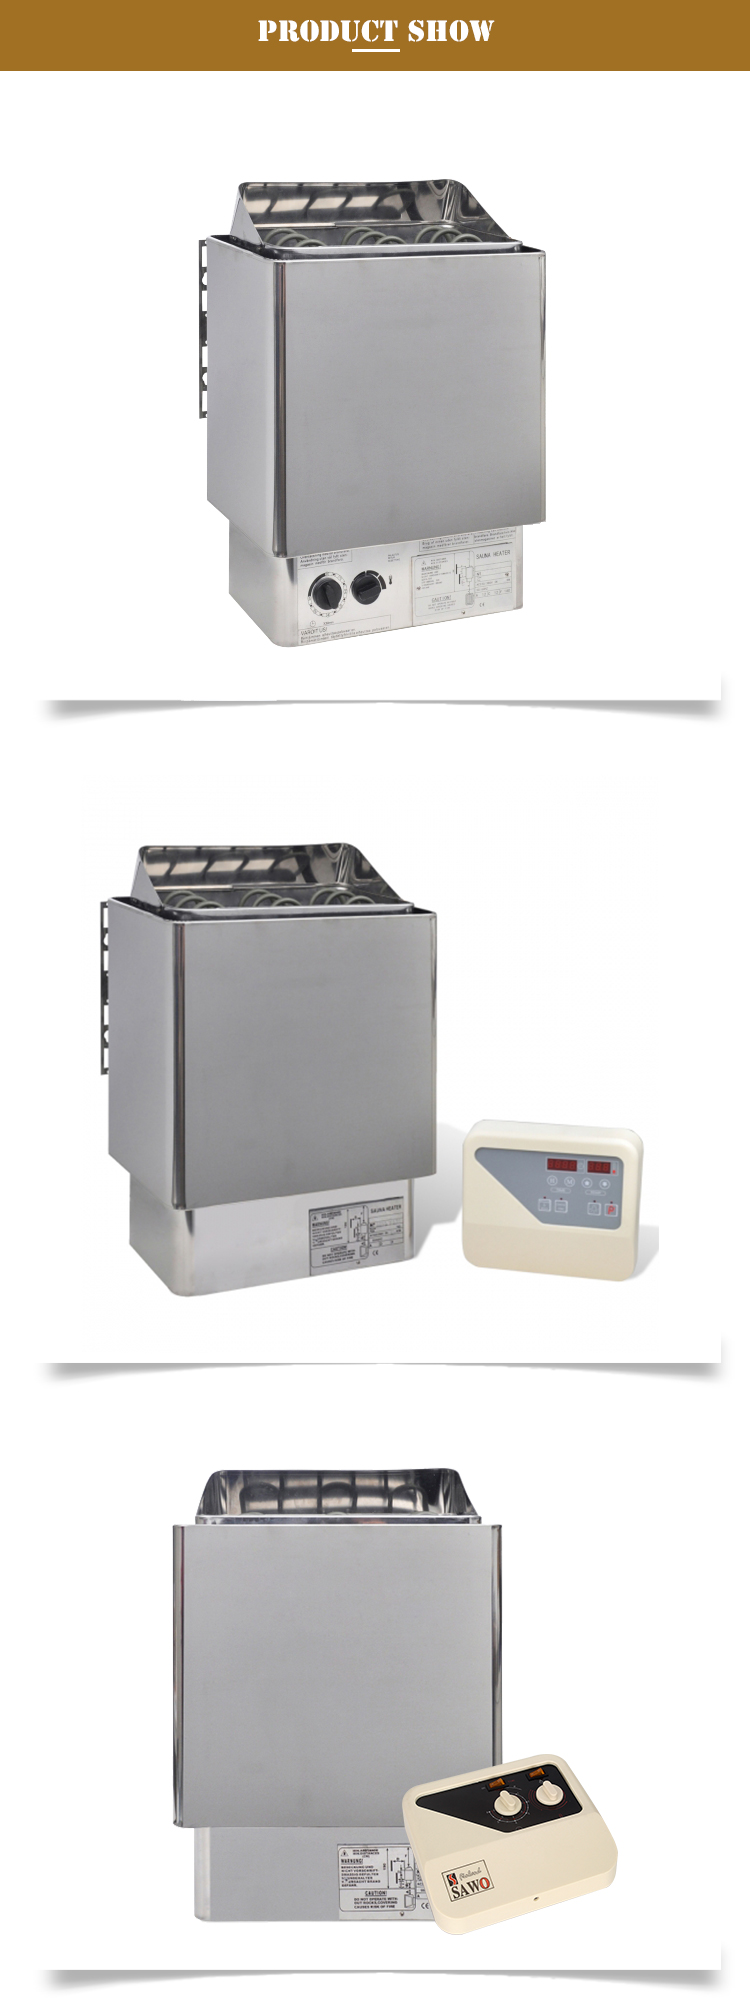 Hot koop factory prijs 220 V/380 V 3KW 6KW 9KW elektrische saunakachel